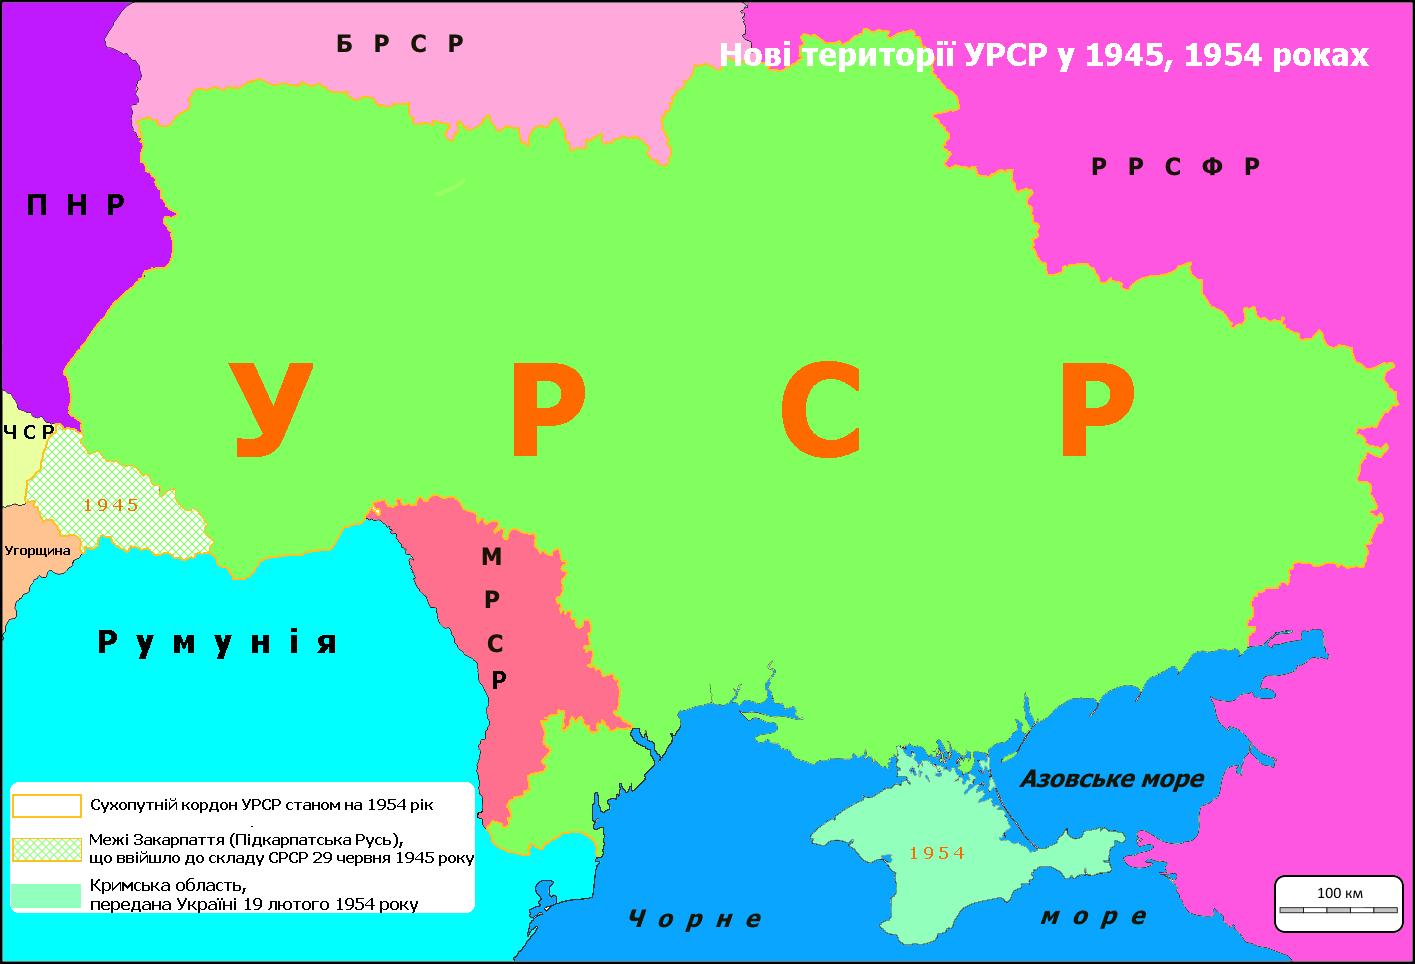 Нові території УРСР у 1945, 1954 рр.